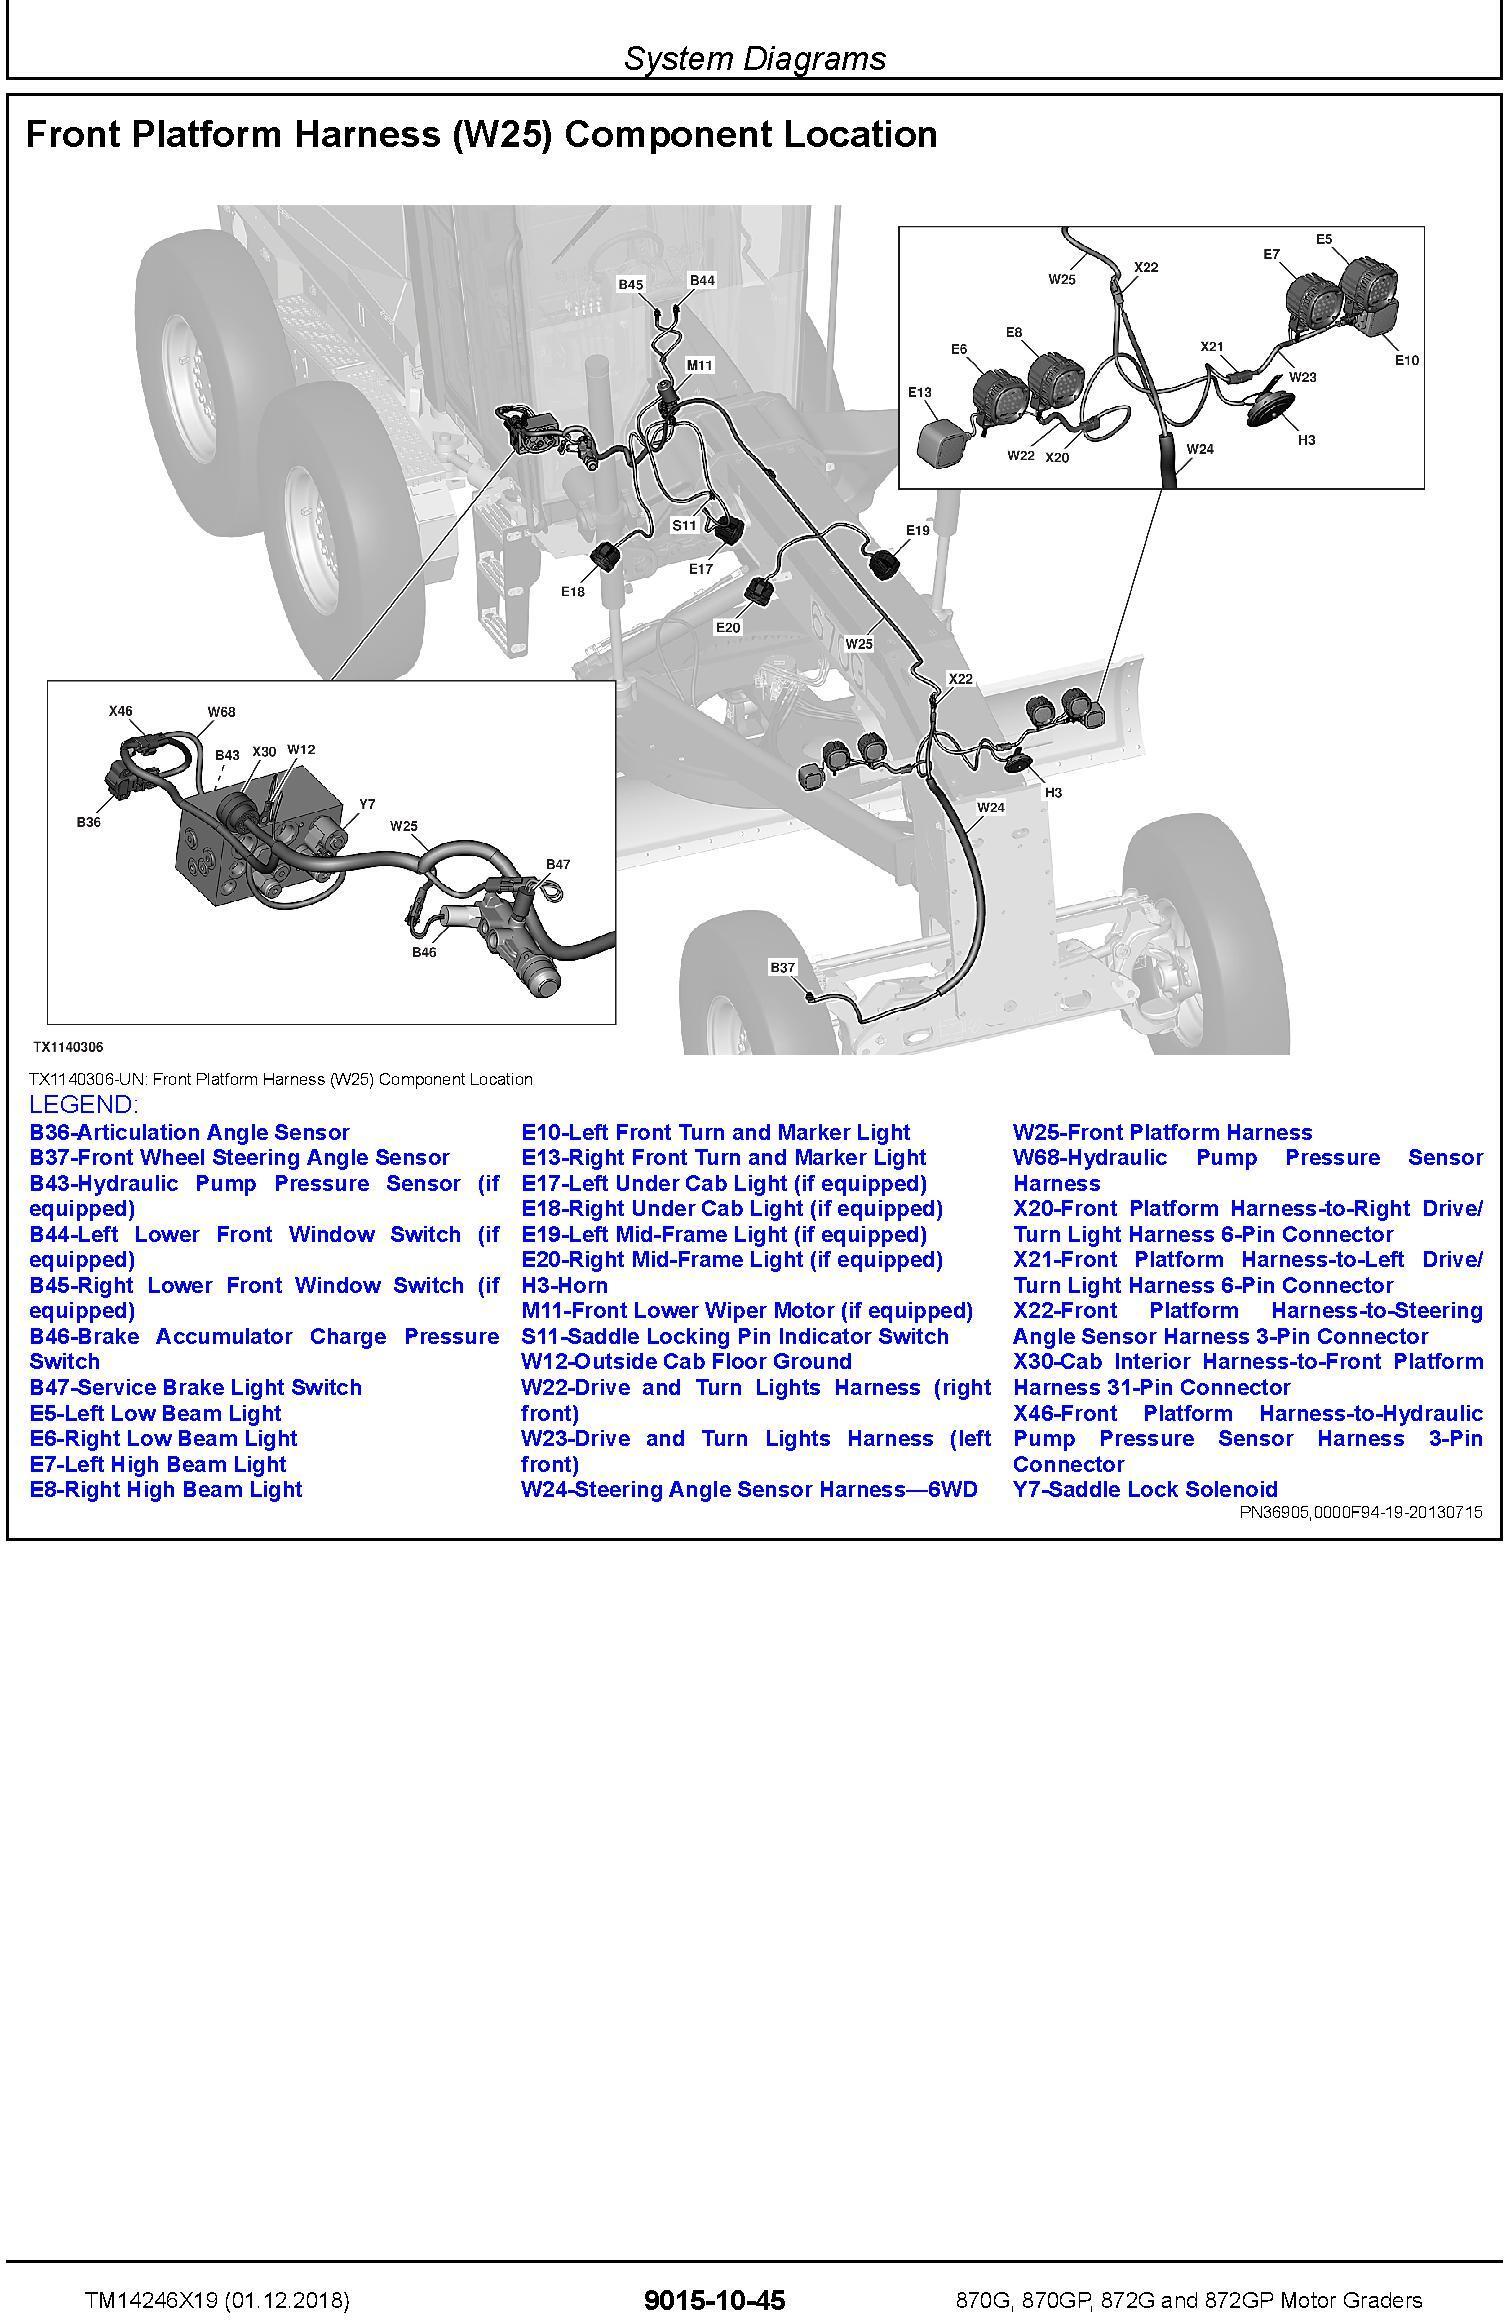 John Deere 870G,870GP,872G,872GP (SN.F680878-,L700954-) Motor Graders Diagnostic Manual (TM14246X19) - 1